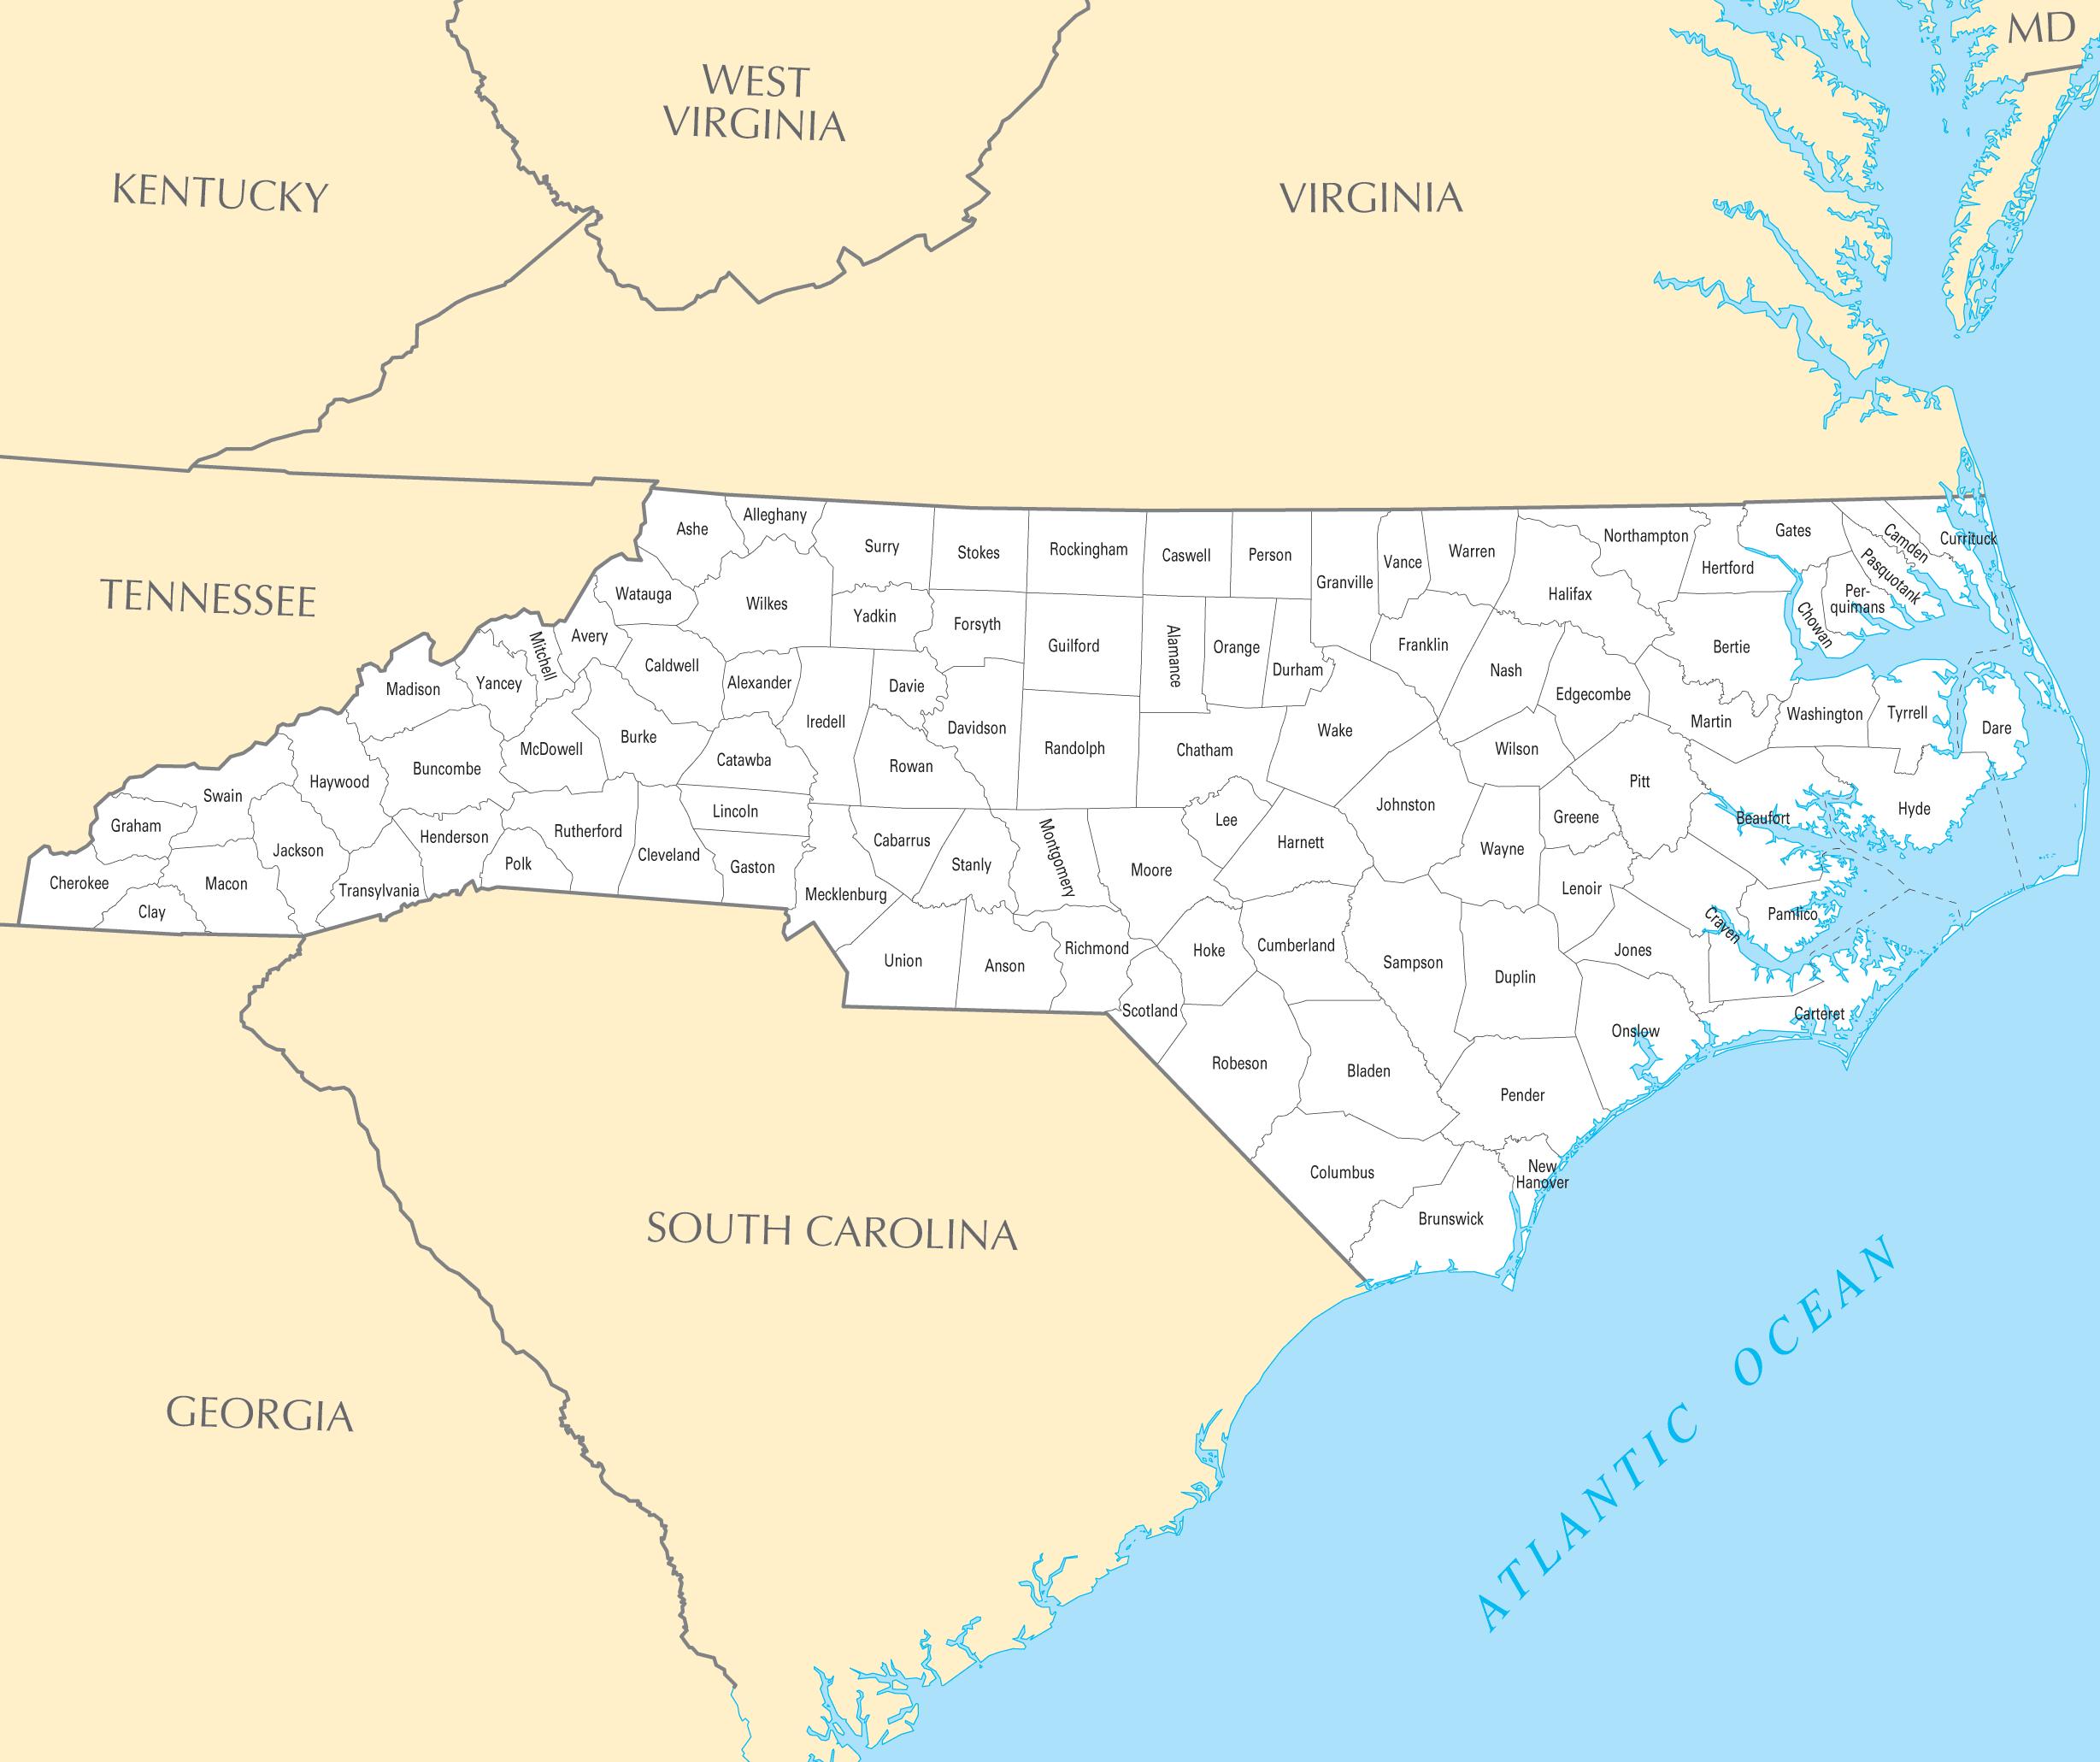 North Carolina County Map • Mapsof.net